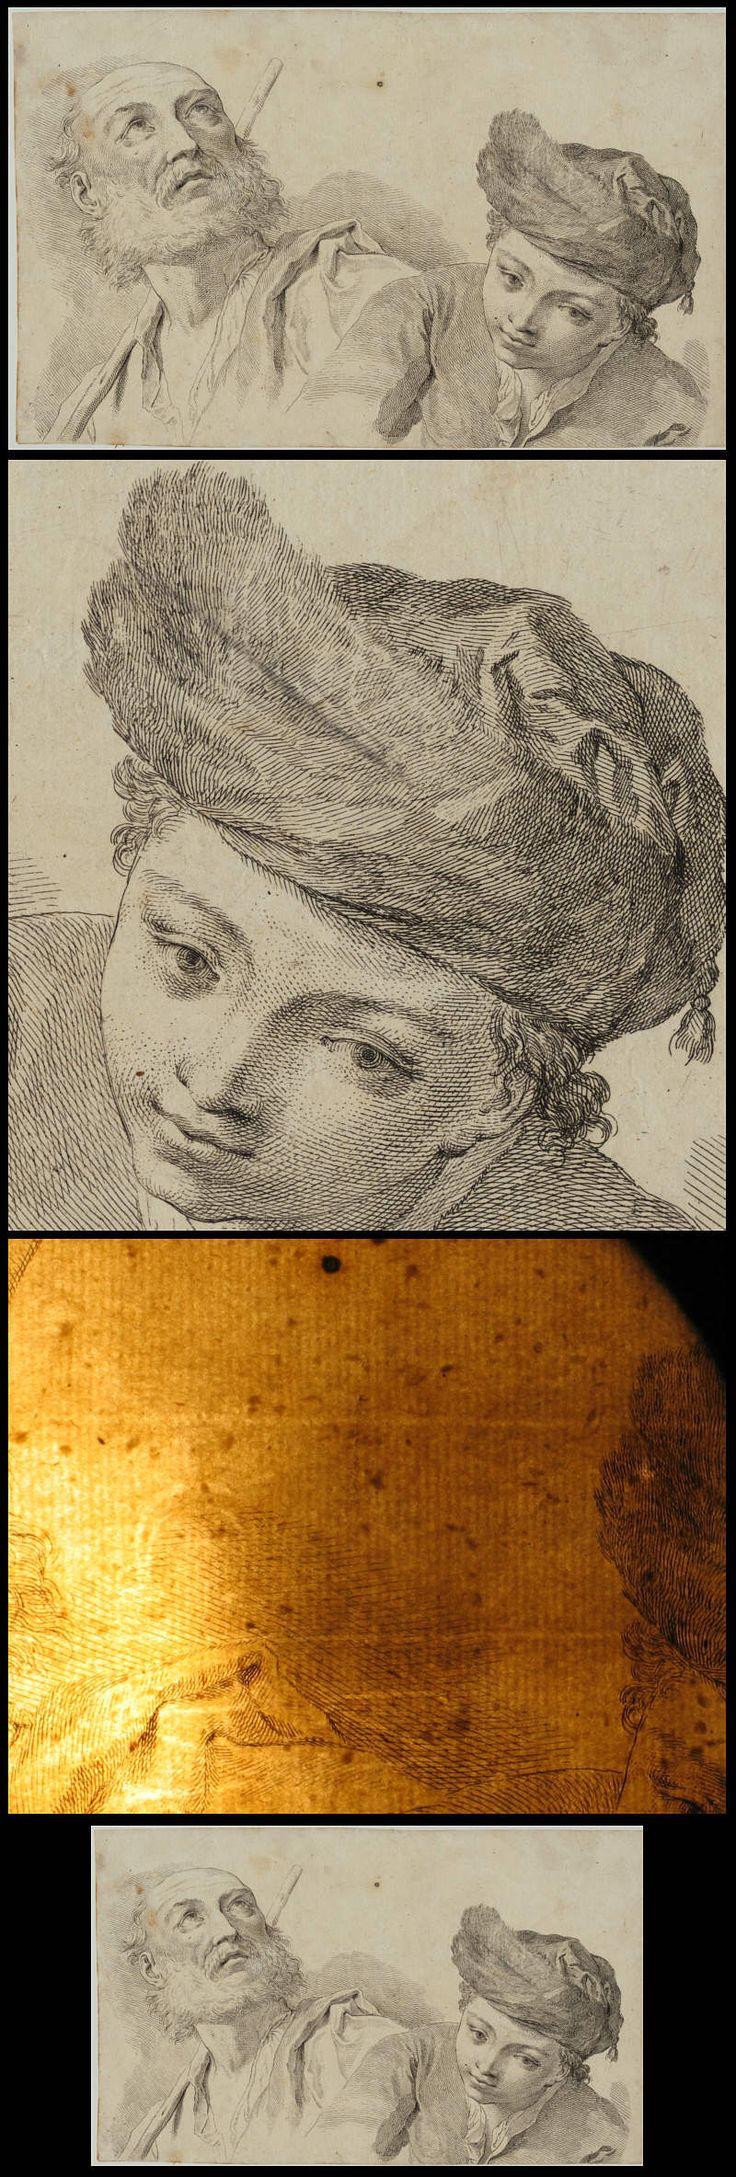 MANN + JUNGE Original Kupferstich um 1770 KUNST Akademie Studie zeichnen 28 cm x 17 cm